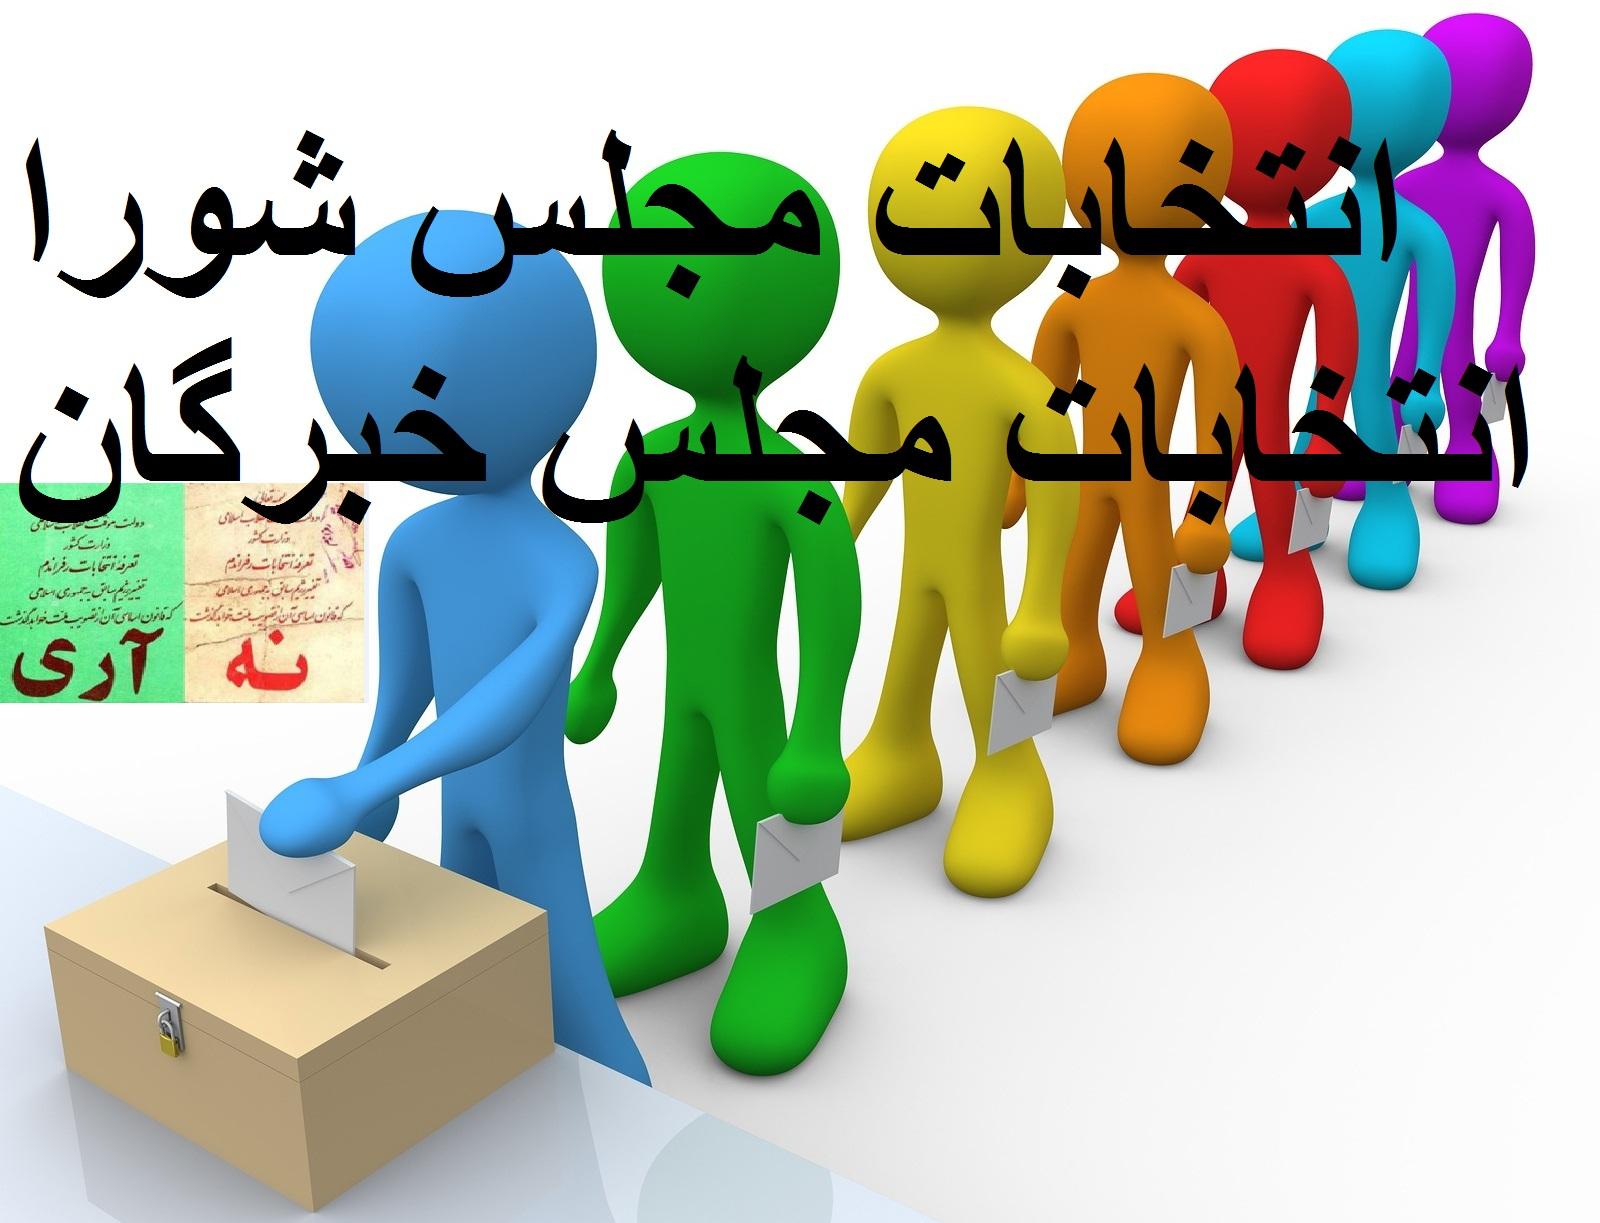 انتخابات در نظام ورشکسته آخوندی، نوشته دکتربهرام آبار